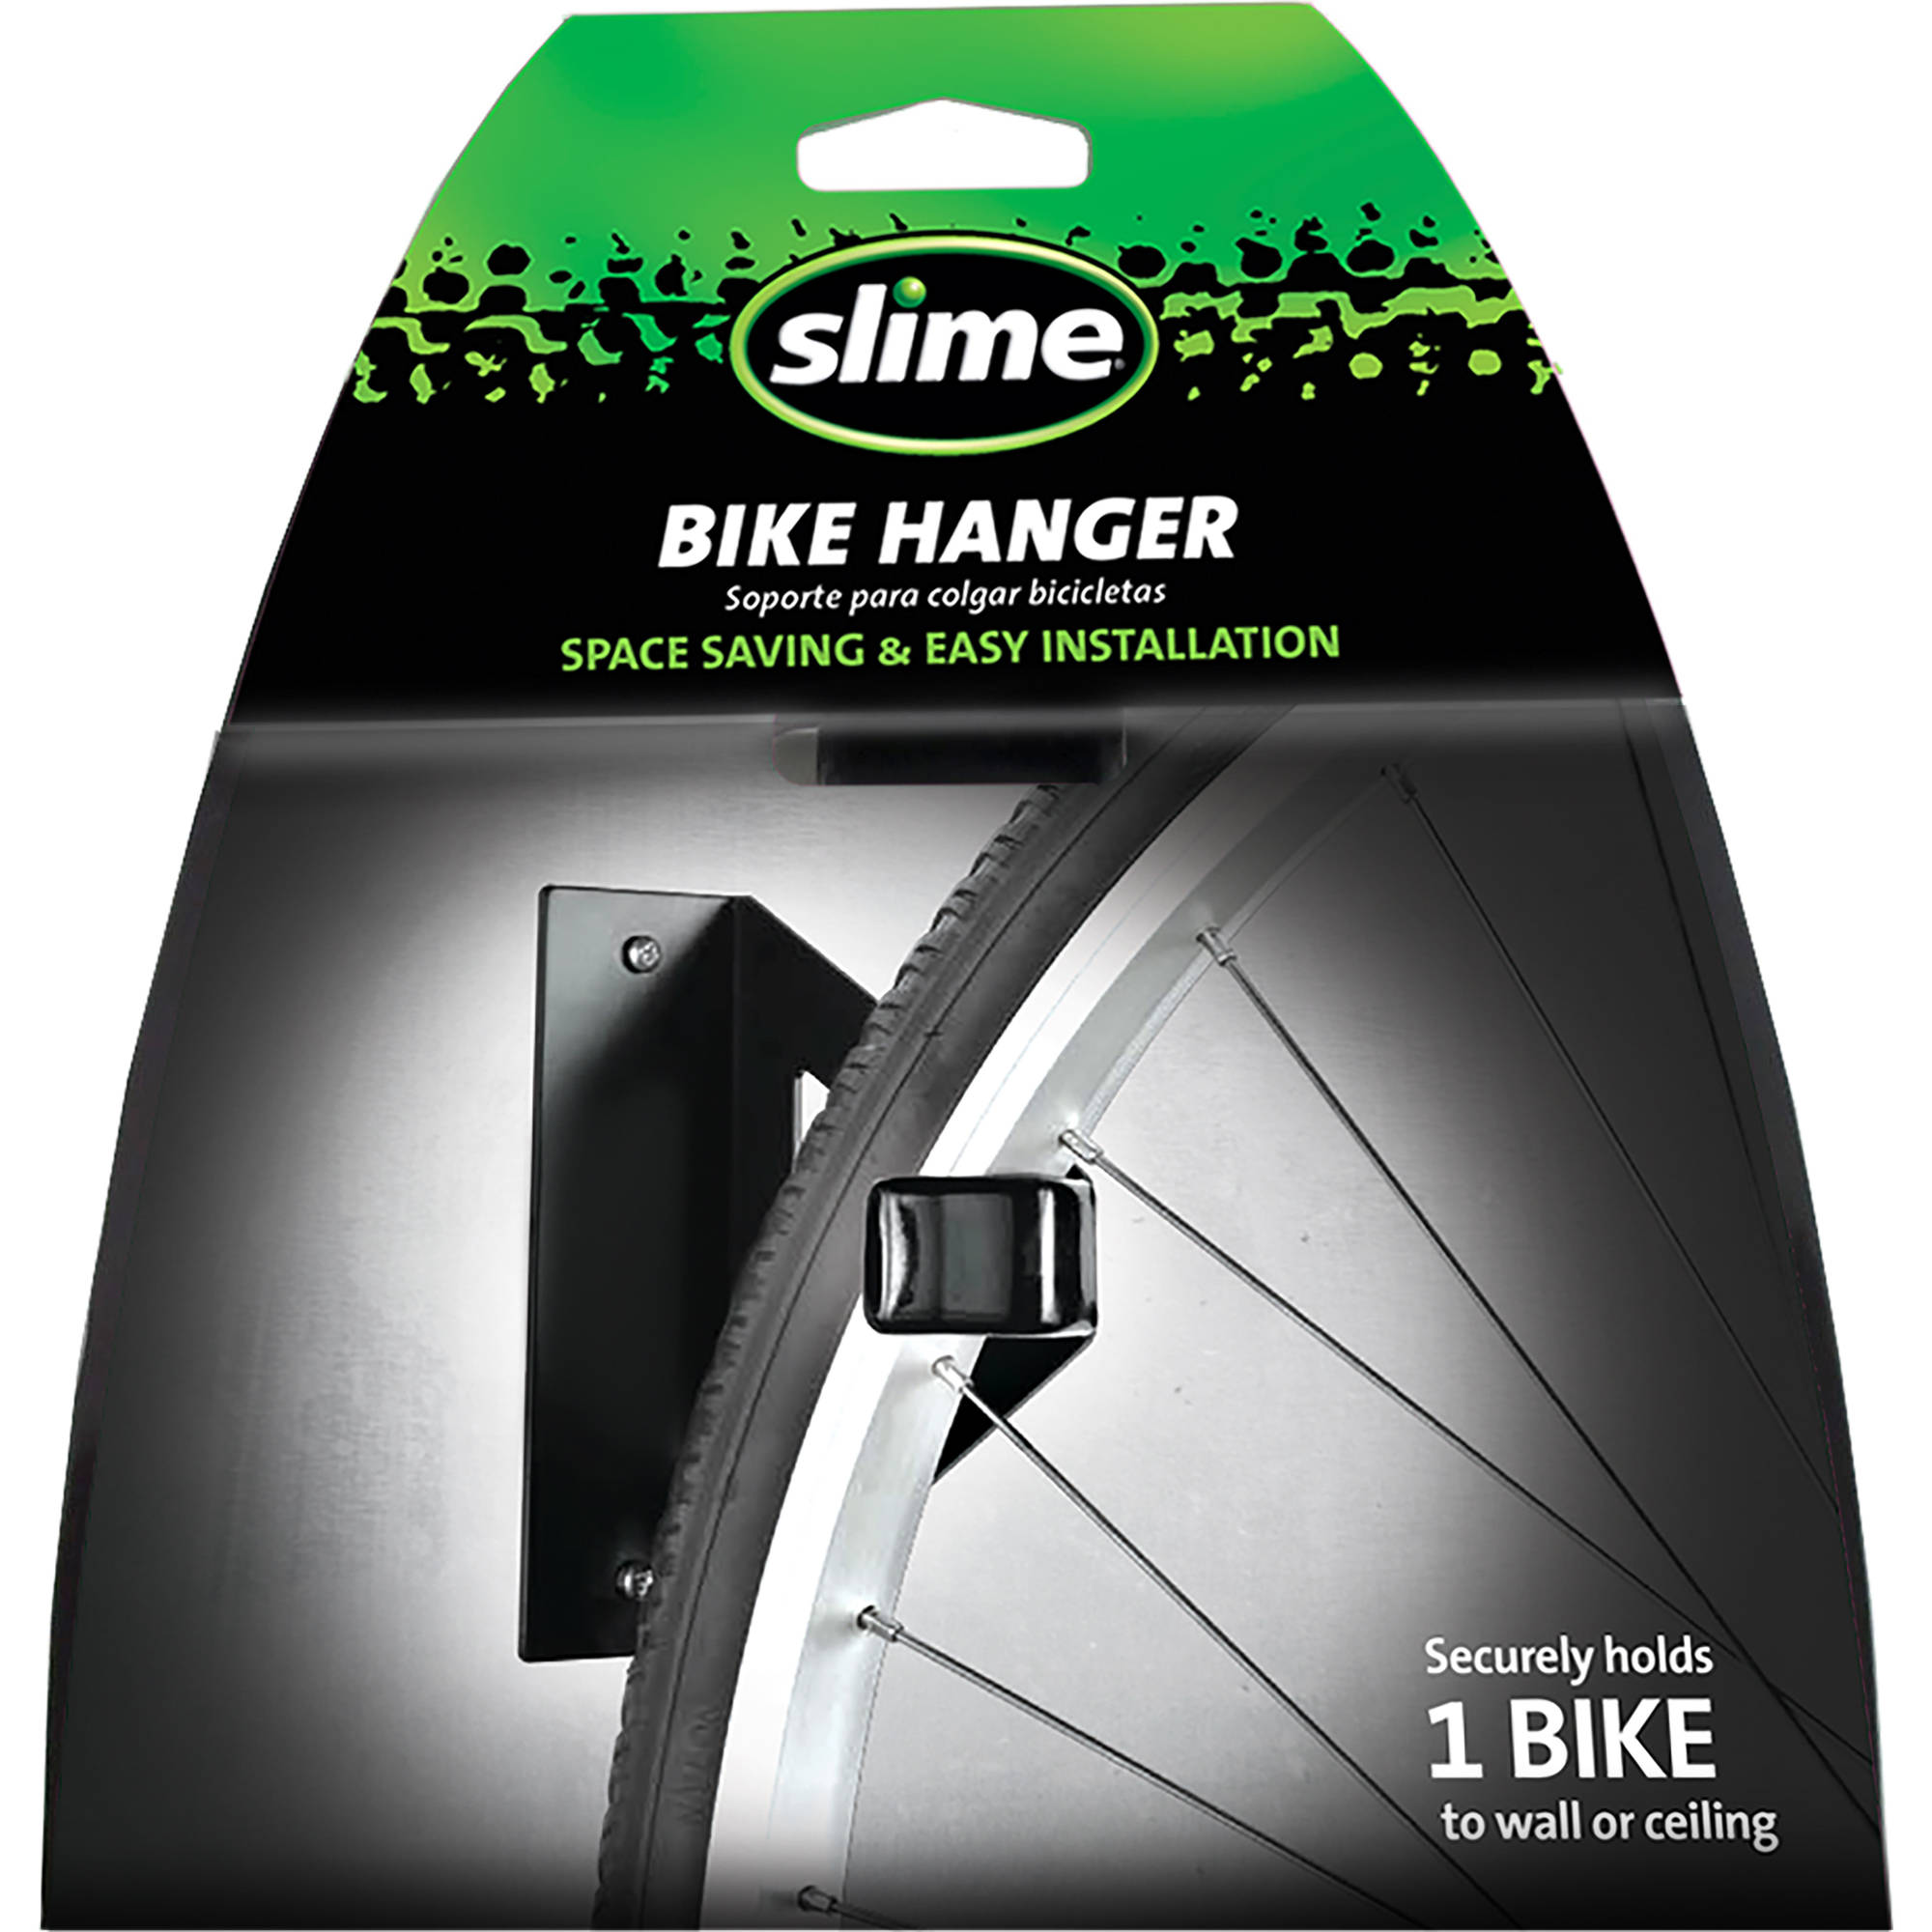 Slime Bike Hanger